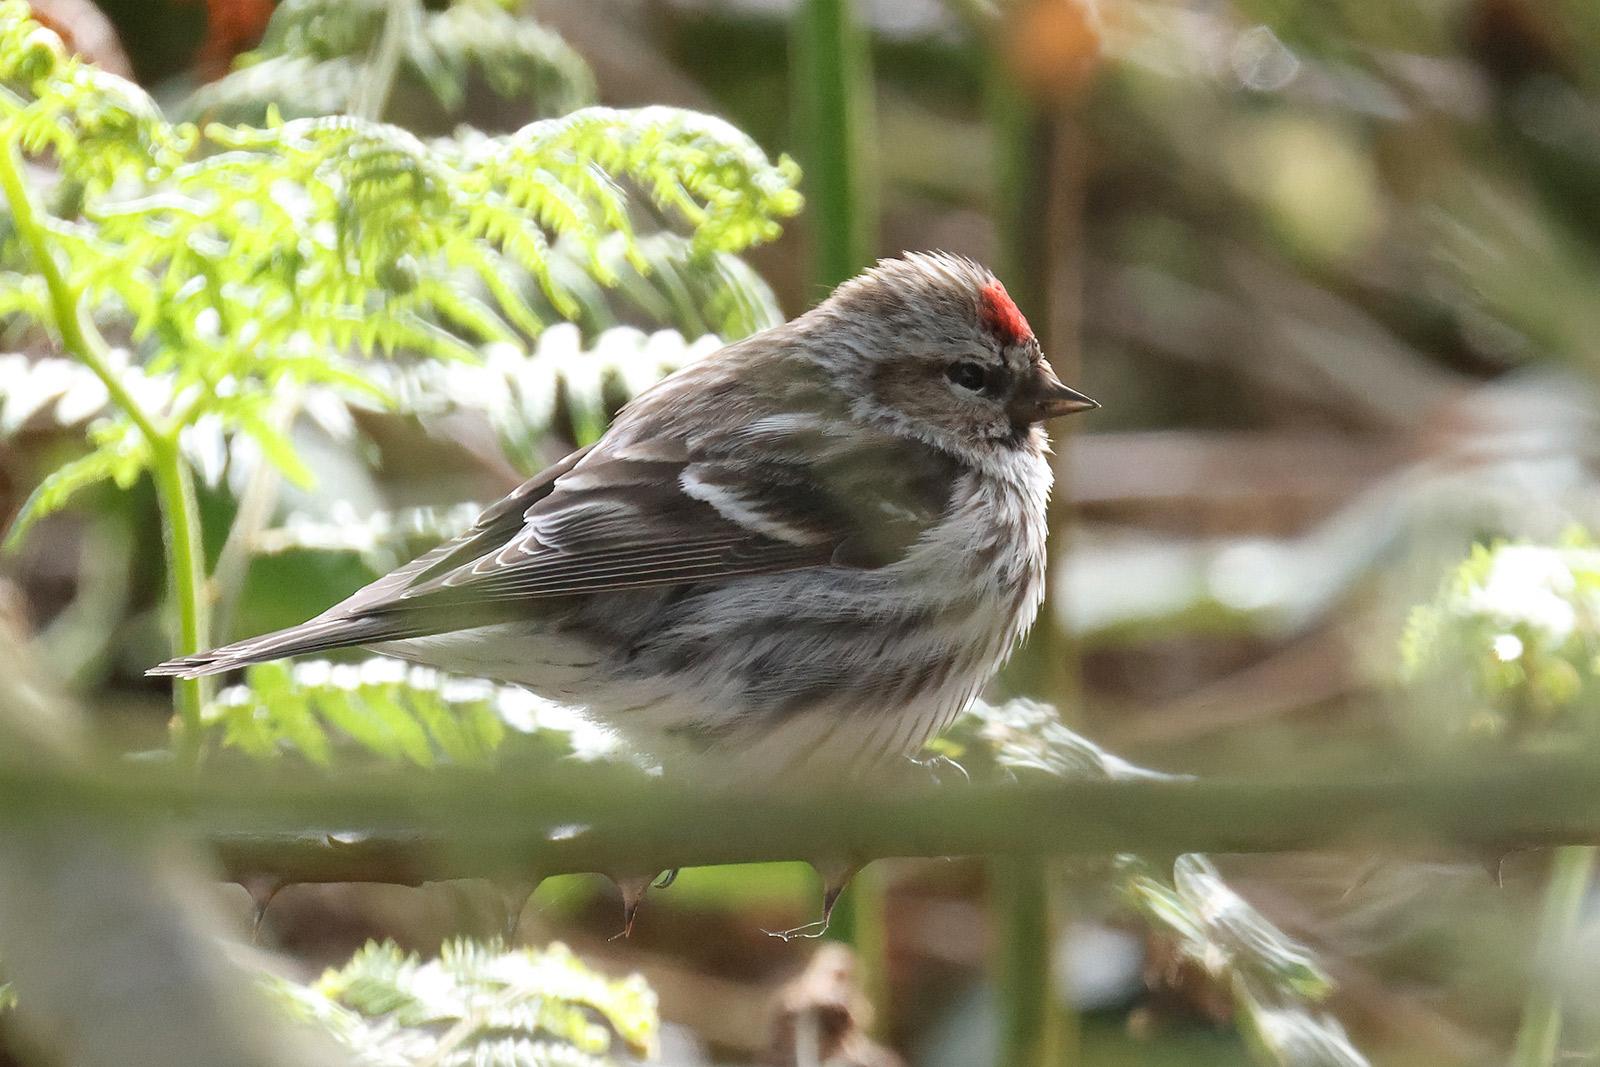 Common Redpoll, Co. Wexford, Ireland.